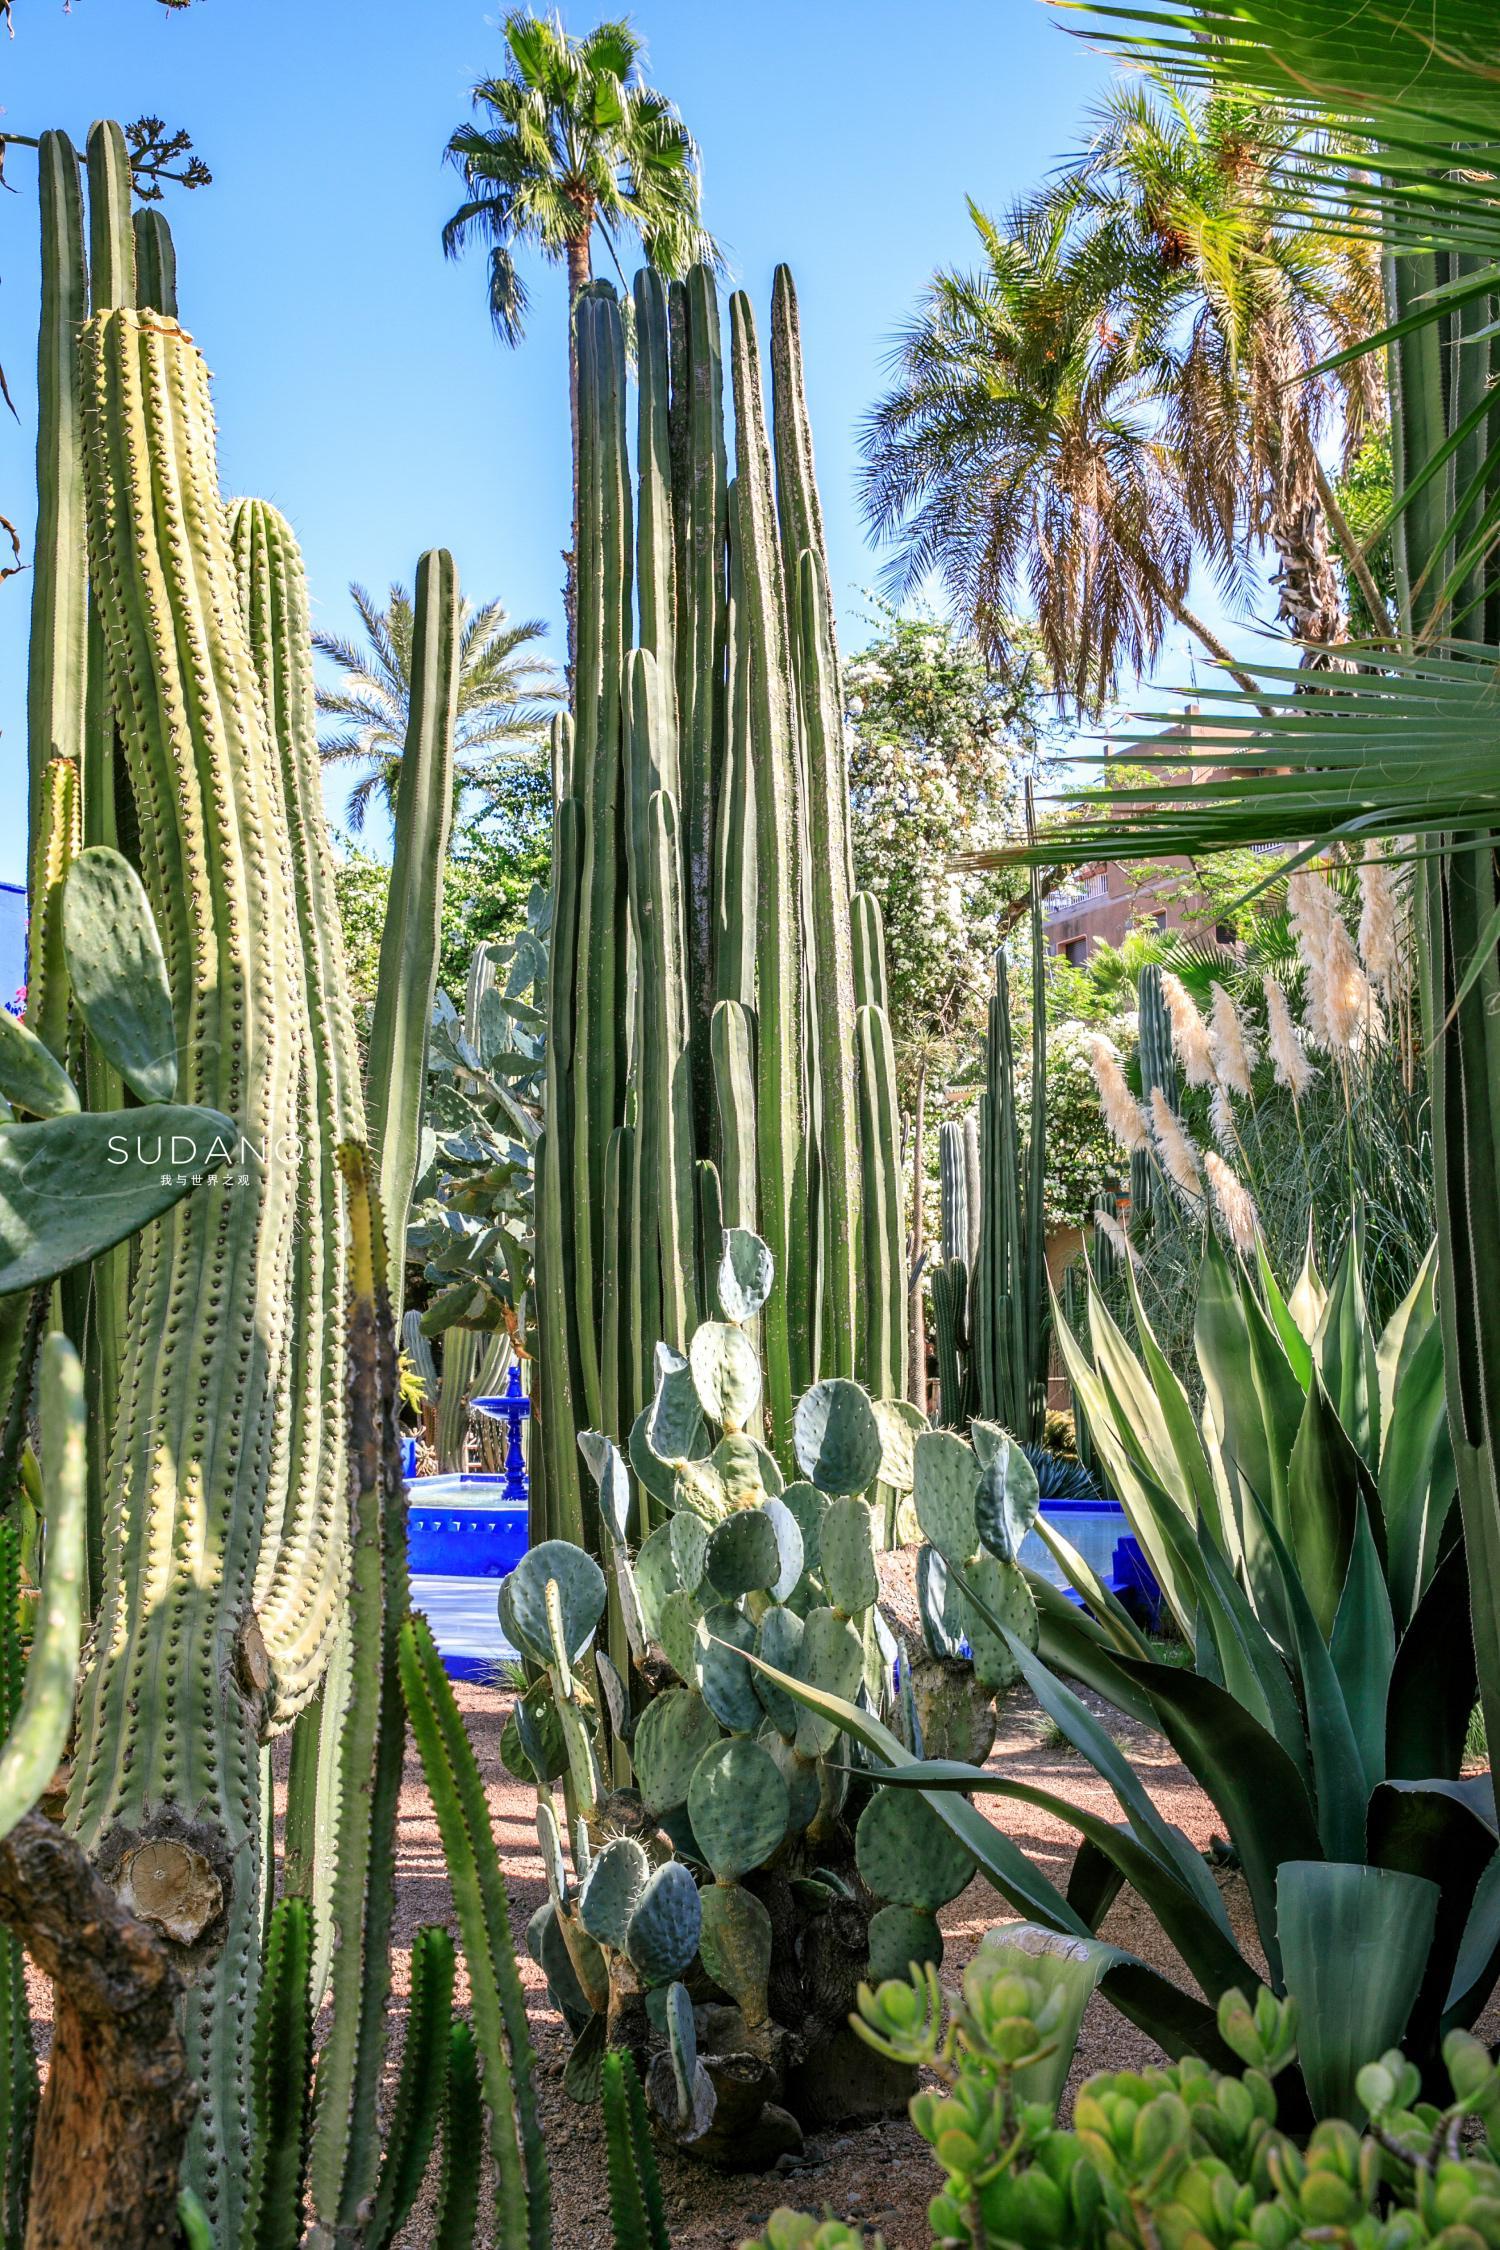 位于摩洛哥马拉喀什的马约尔花园(又叫伊夫·圣·罗兰YvesSaint-Lauren